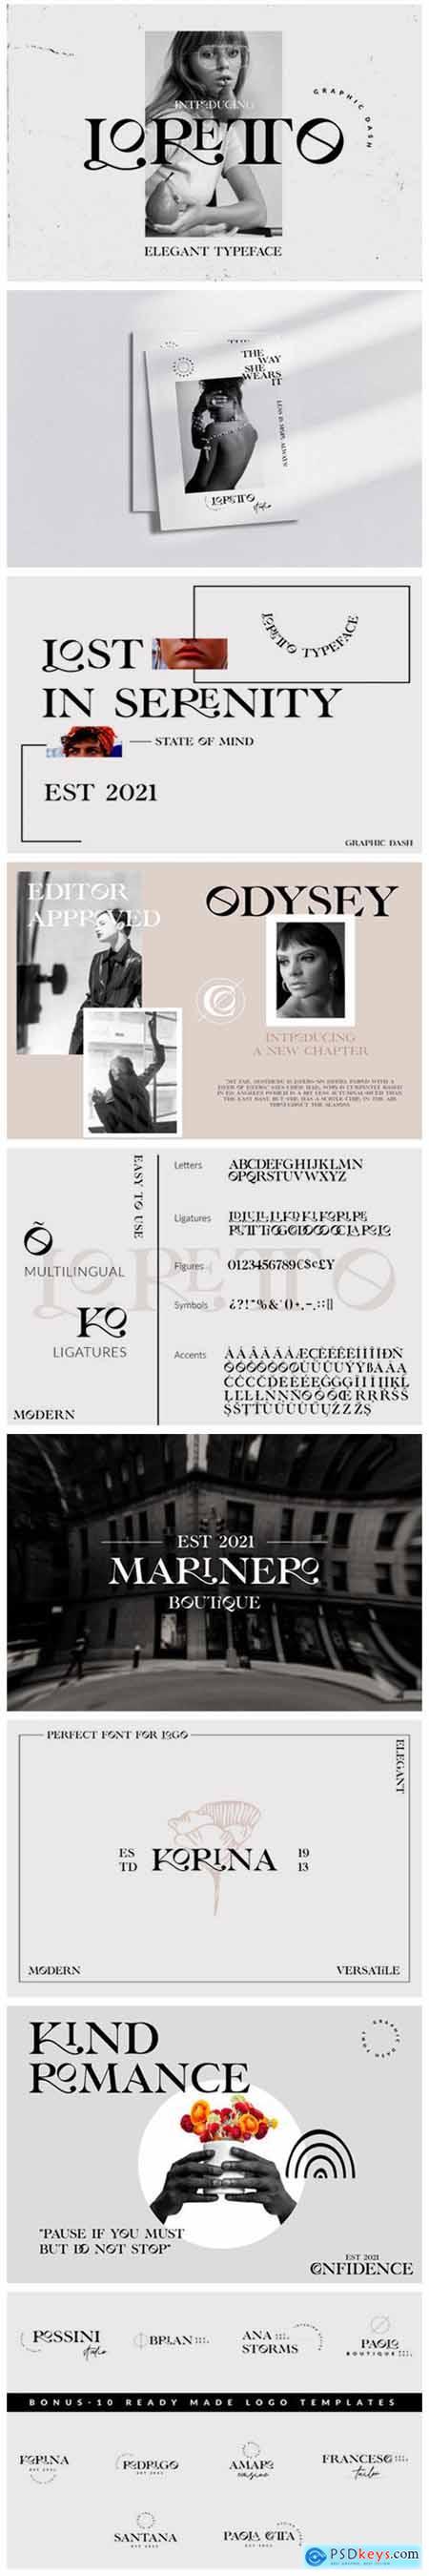 Loretto Font